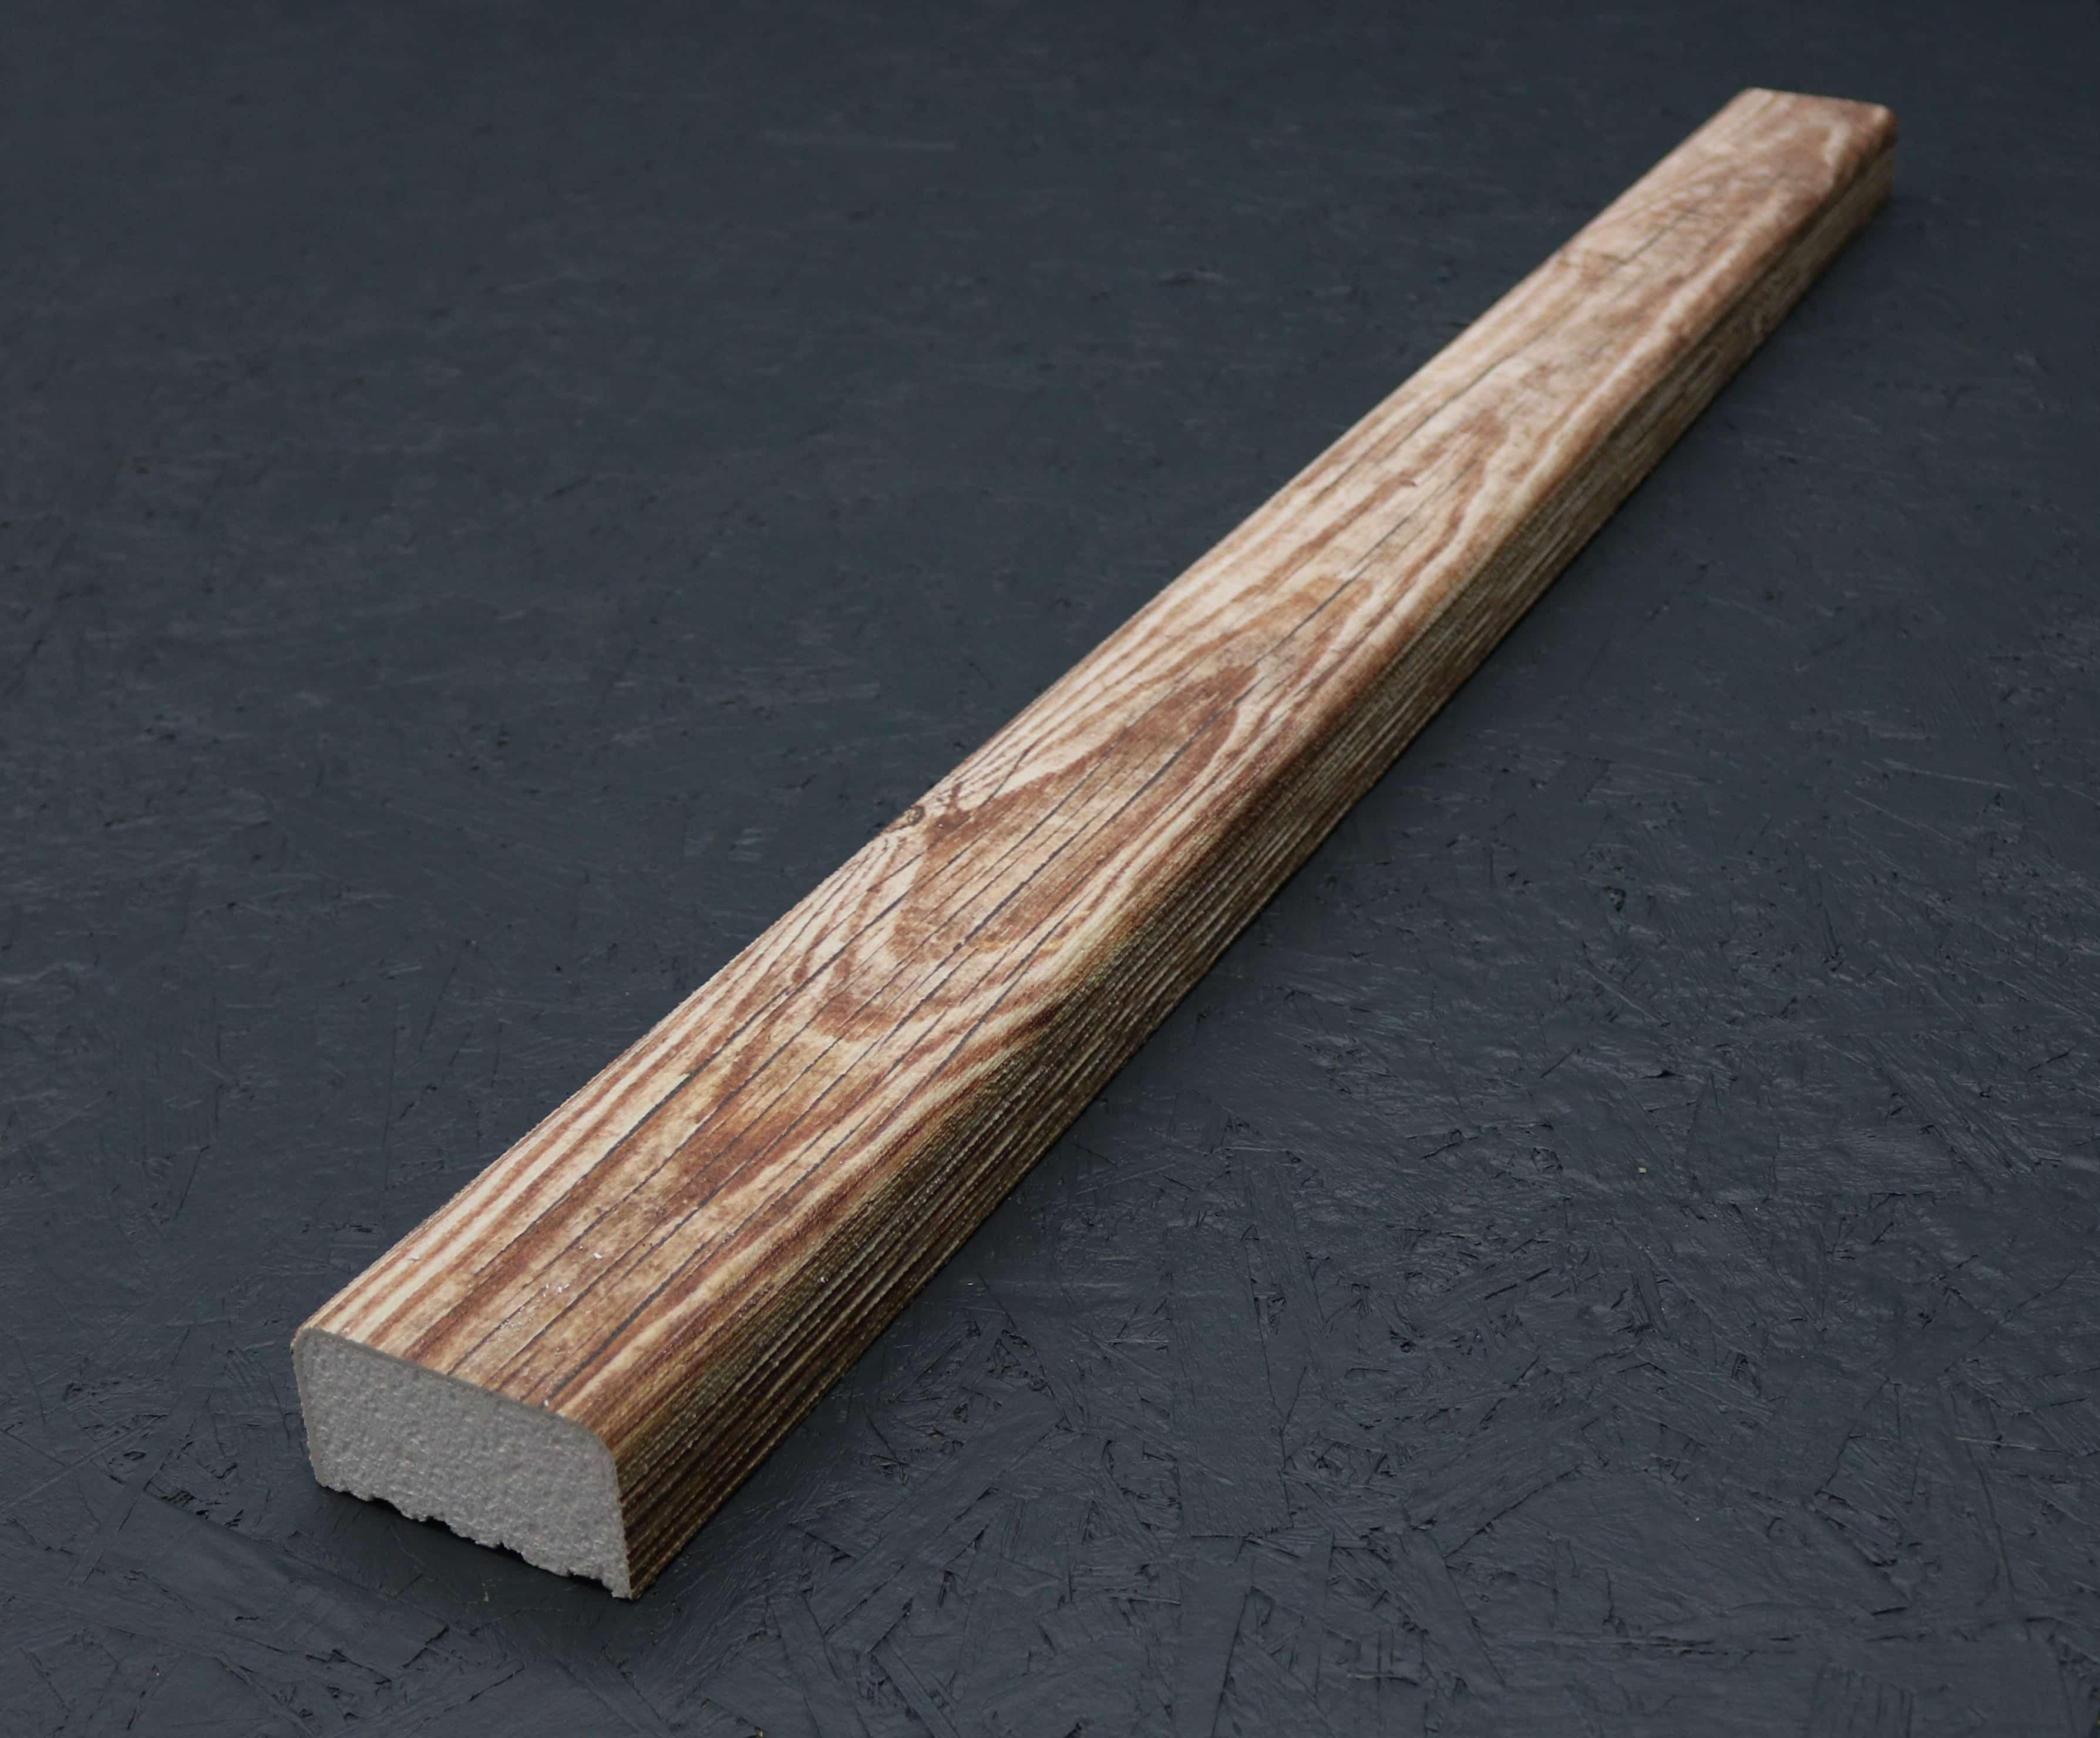 Kantholz/Holzpfosten Styropor New York 9cm x 5cm